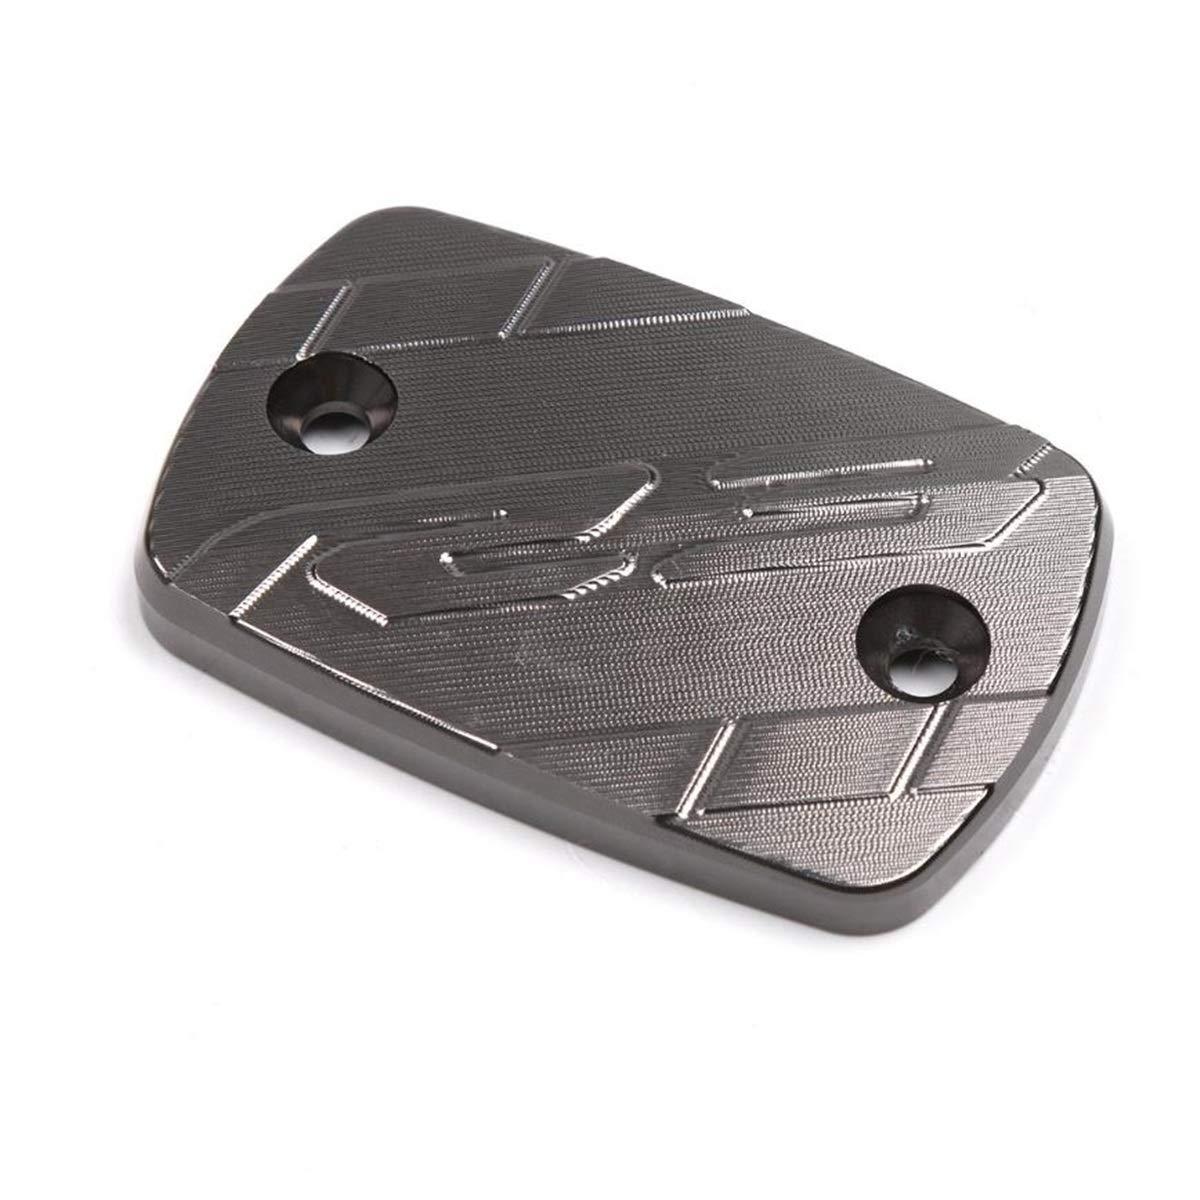 Color : Gold Zink Mixs Yamaha YZF R3 Couvercle de Pompe sup/érieur en Alliage daluminium CNC Frein Avant modifi/é Couvercle de Pompe sup/érieur Couvercle de Pompe /à Huile Accessoires Moto